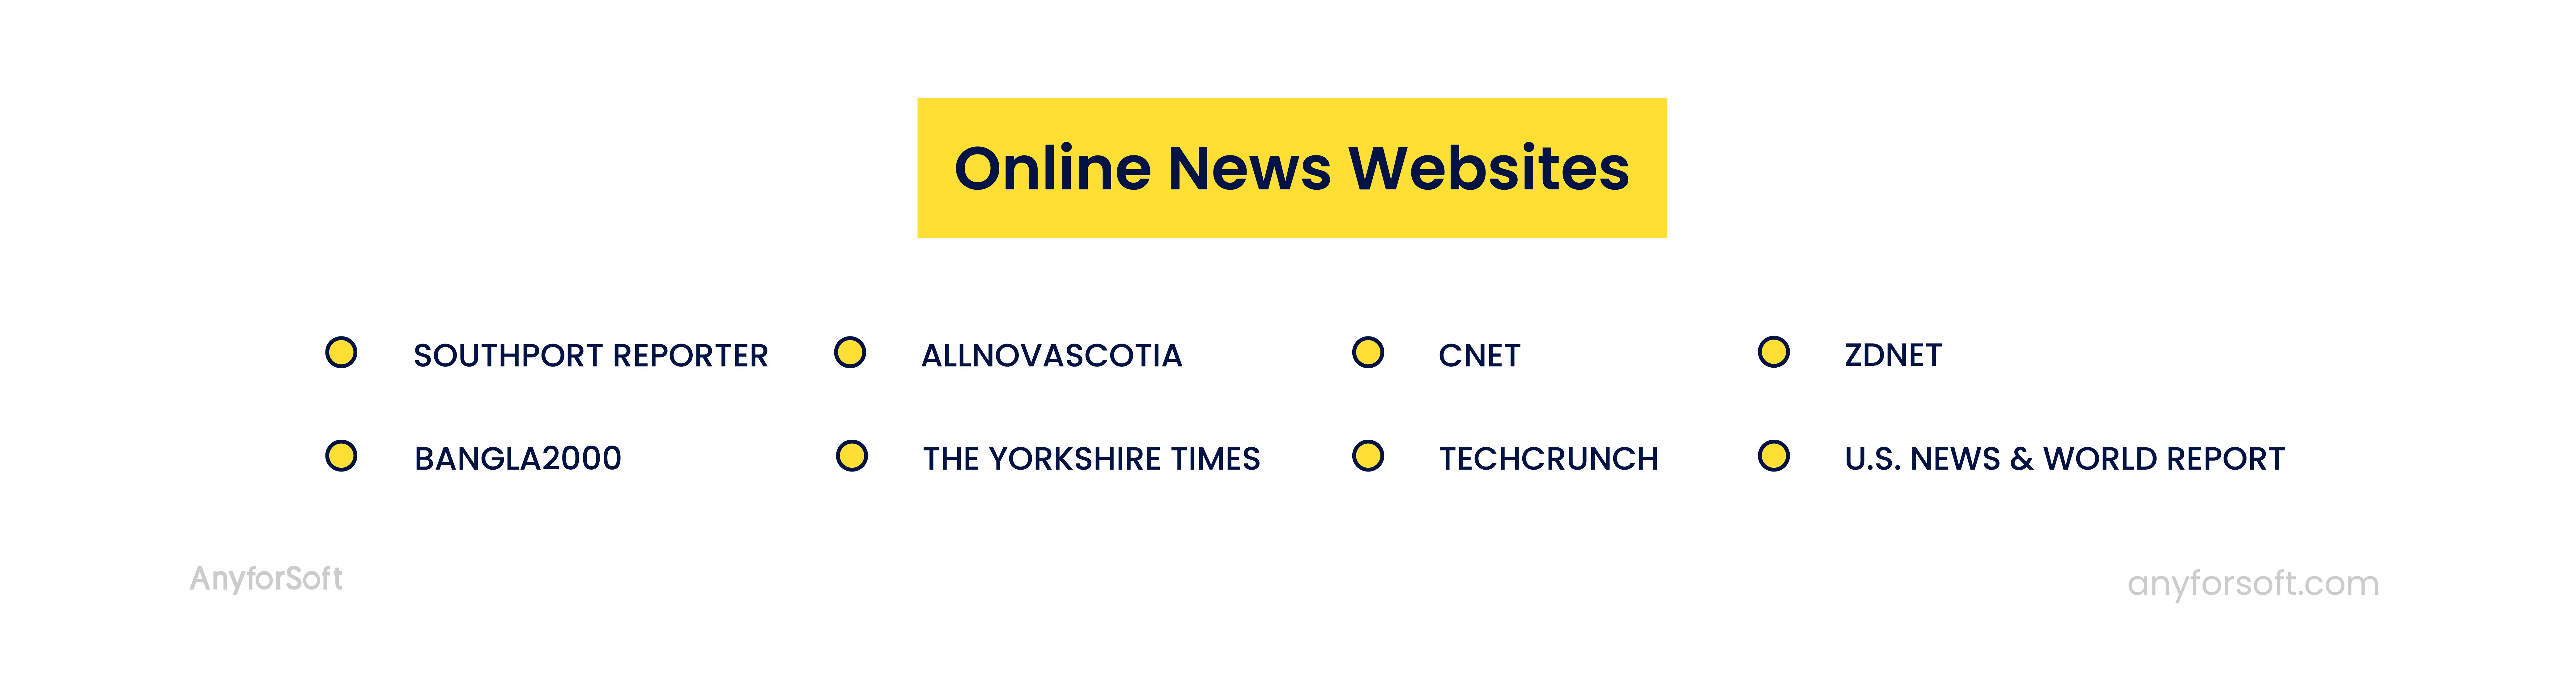 online news websites examples